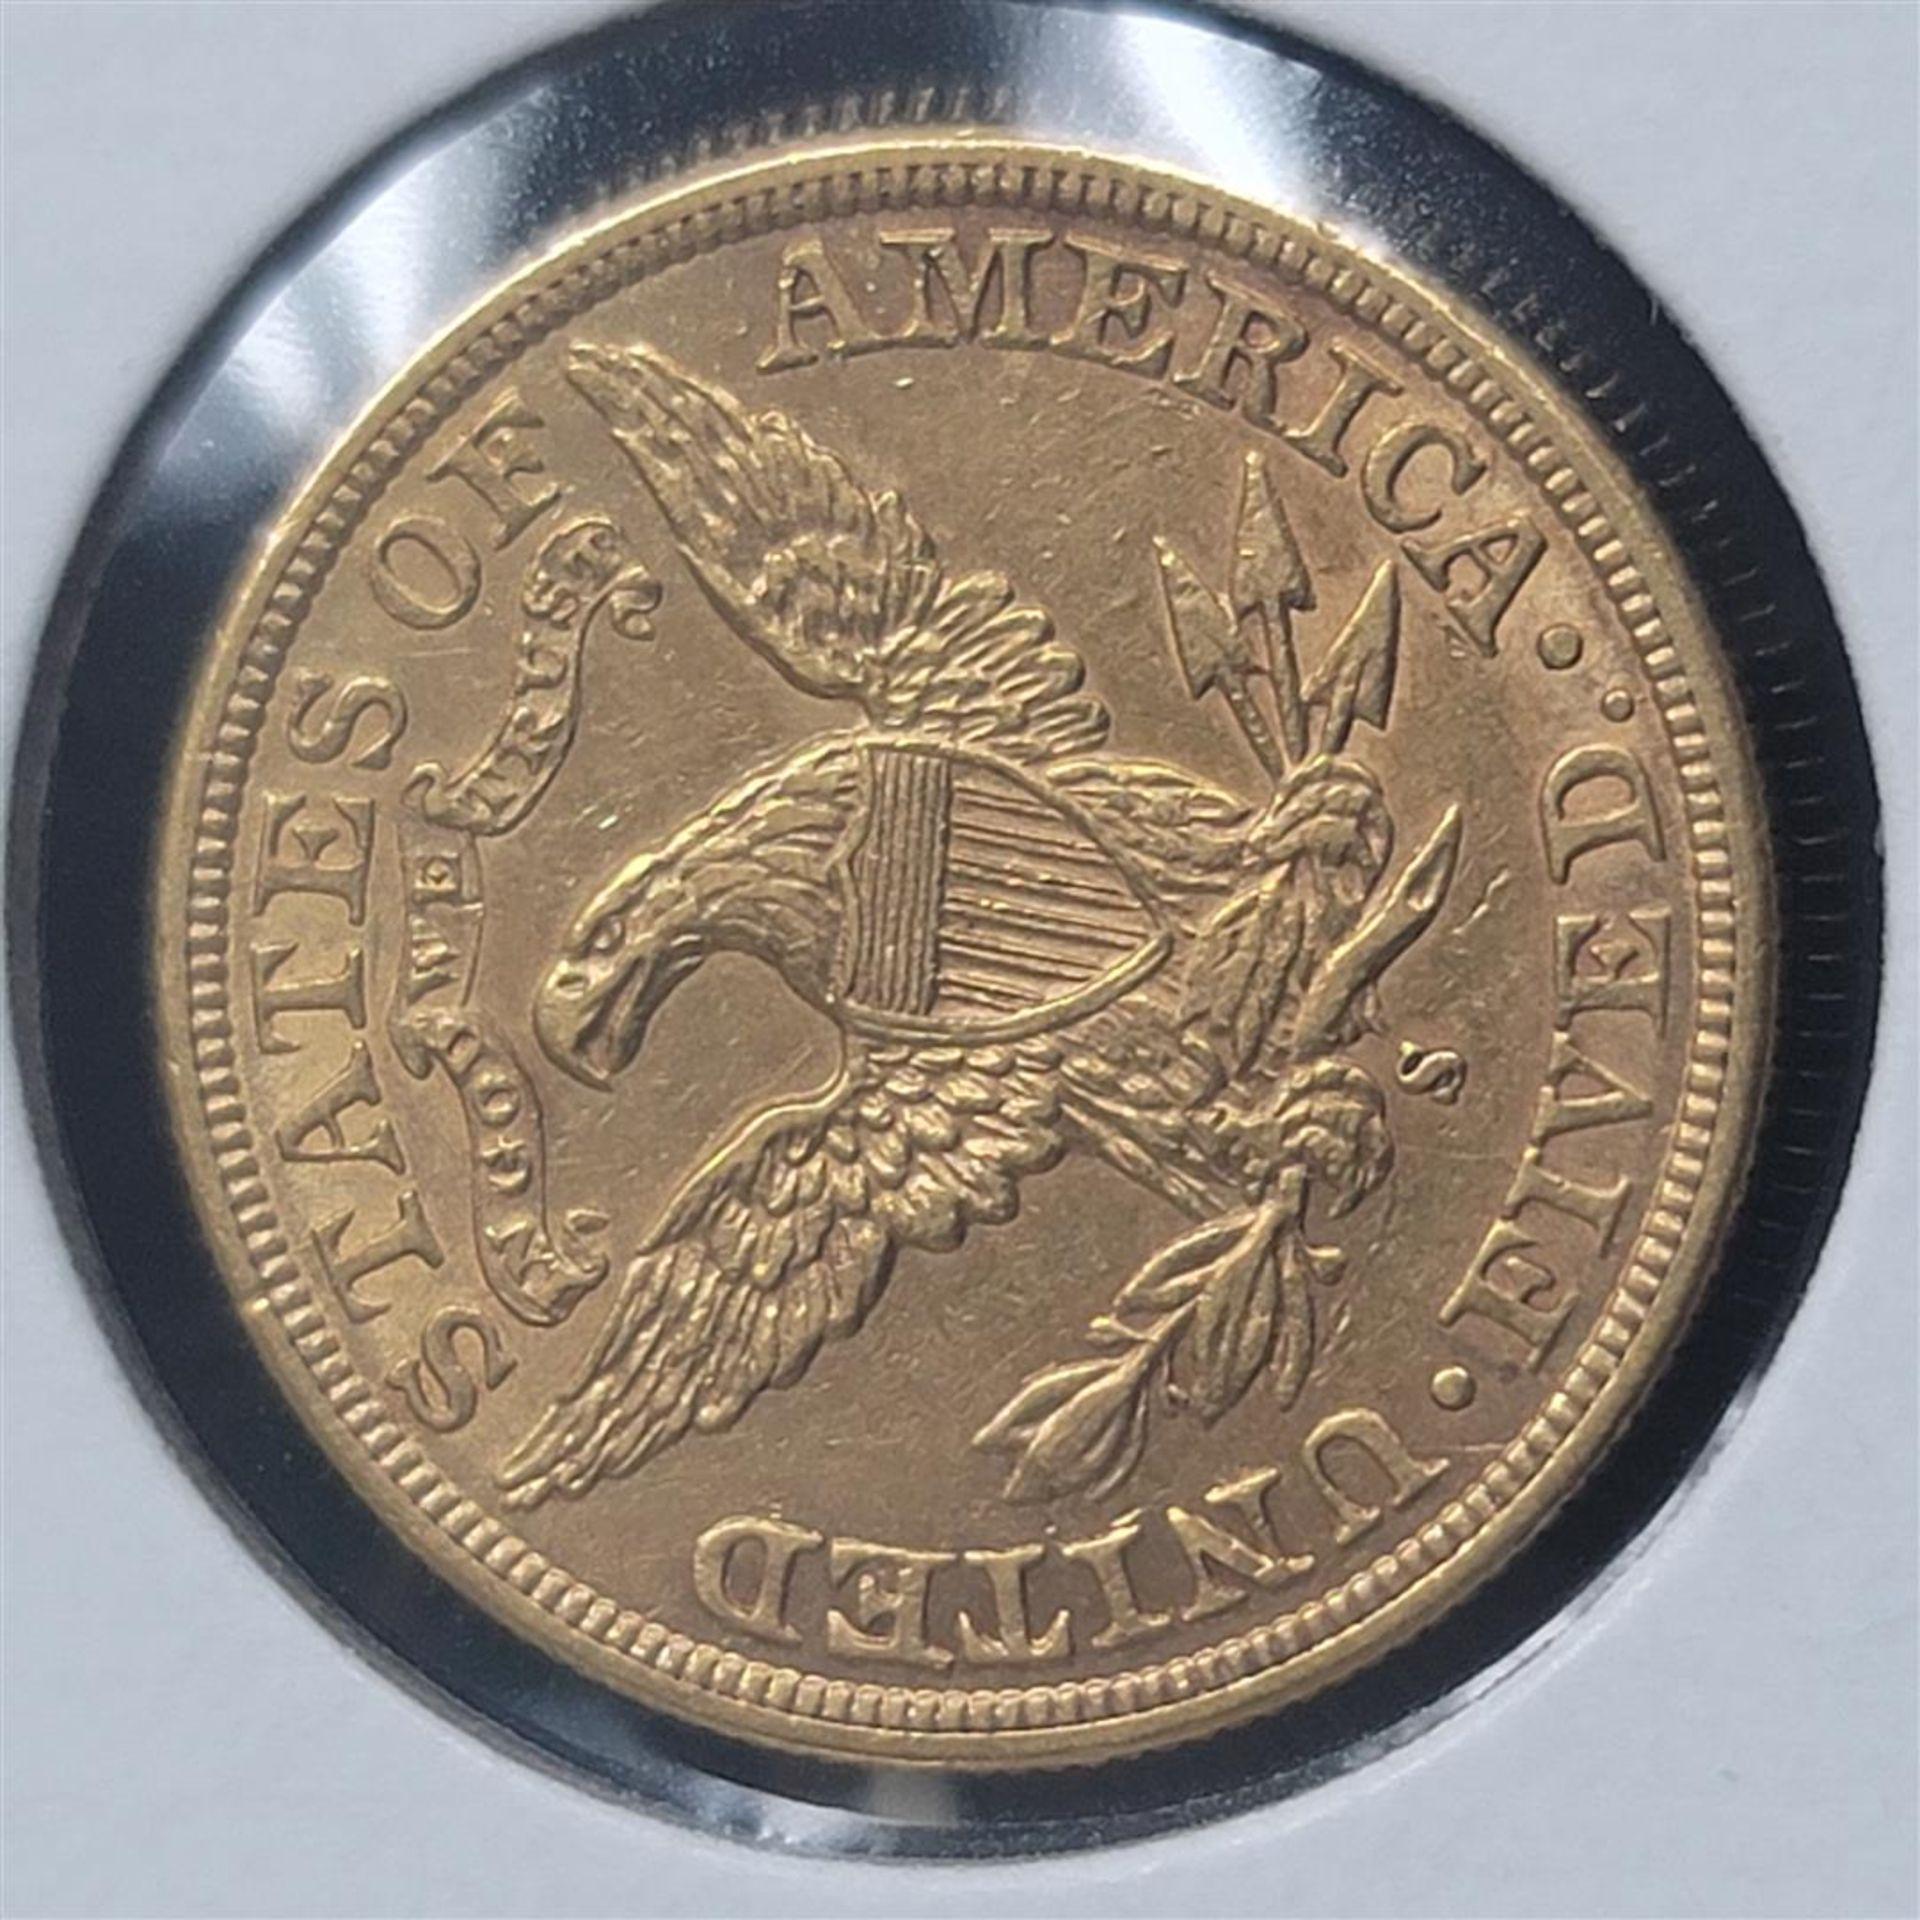 1898-S $5 Liberty Head Half Eagle AU - Image 3 of 4